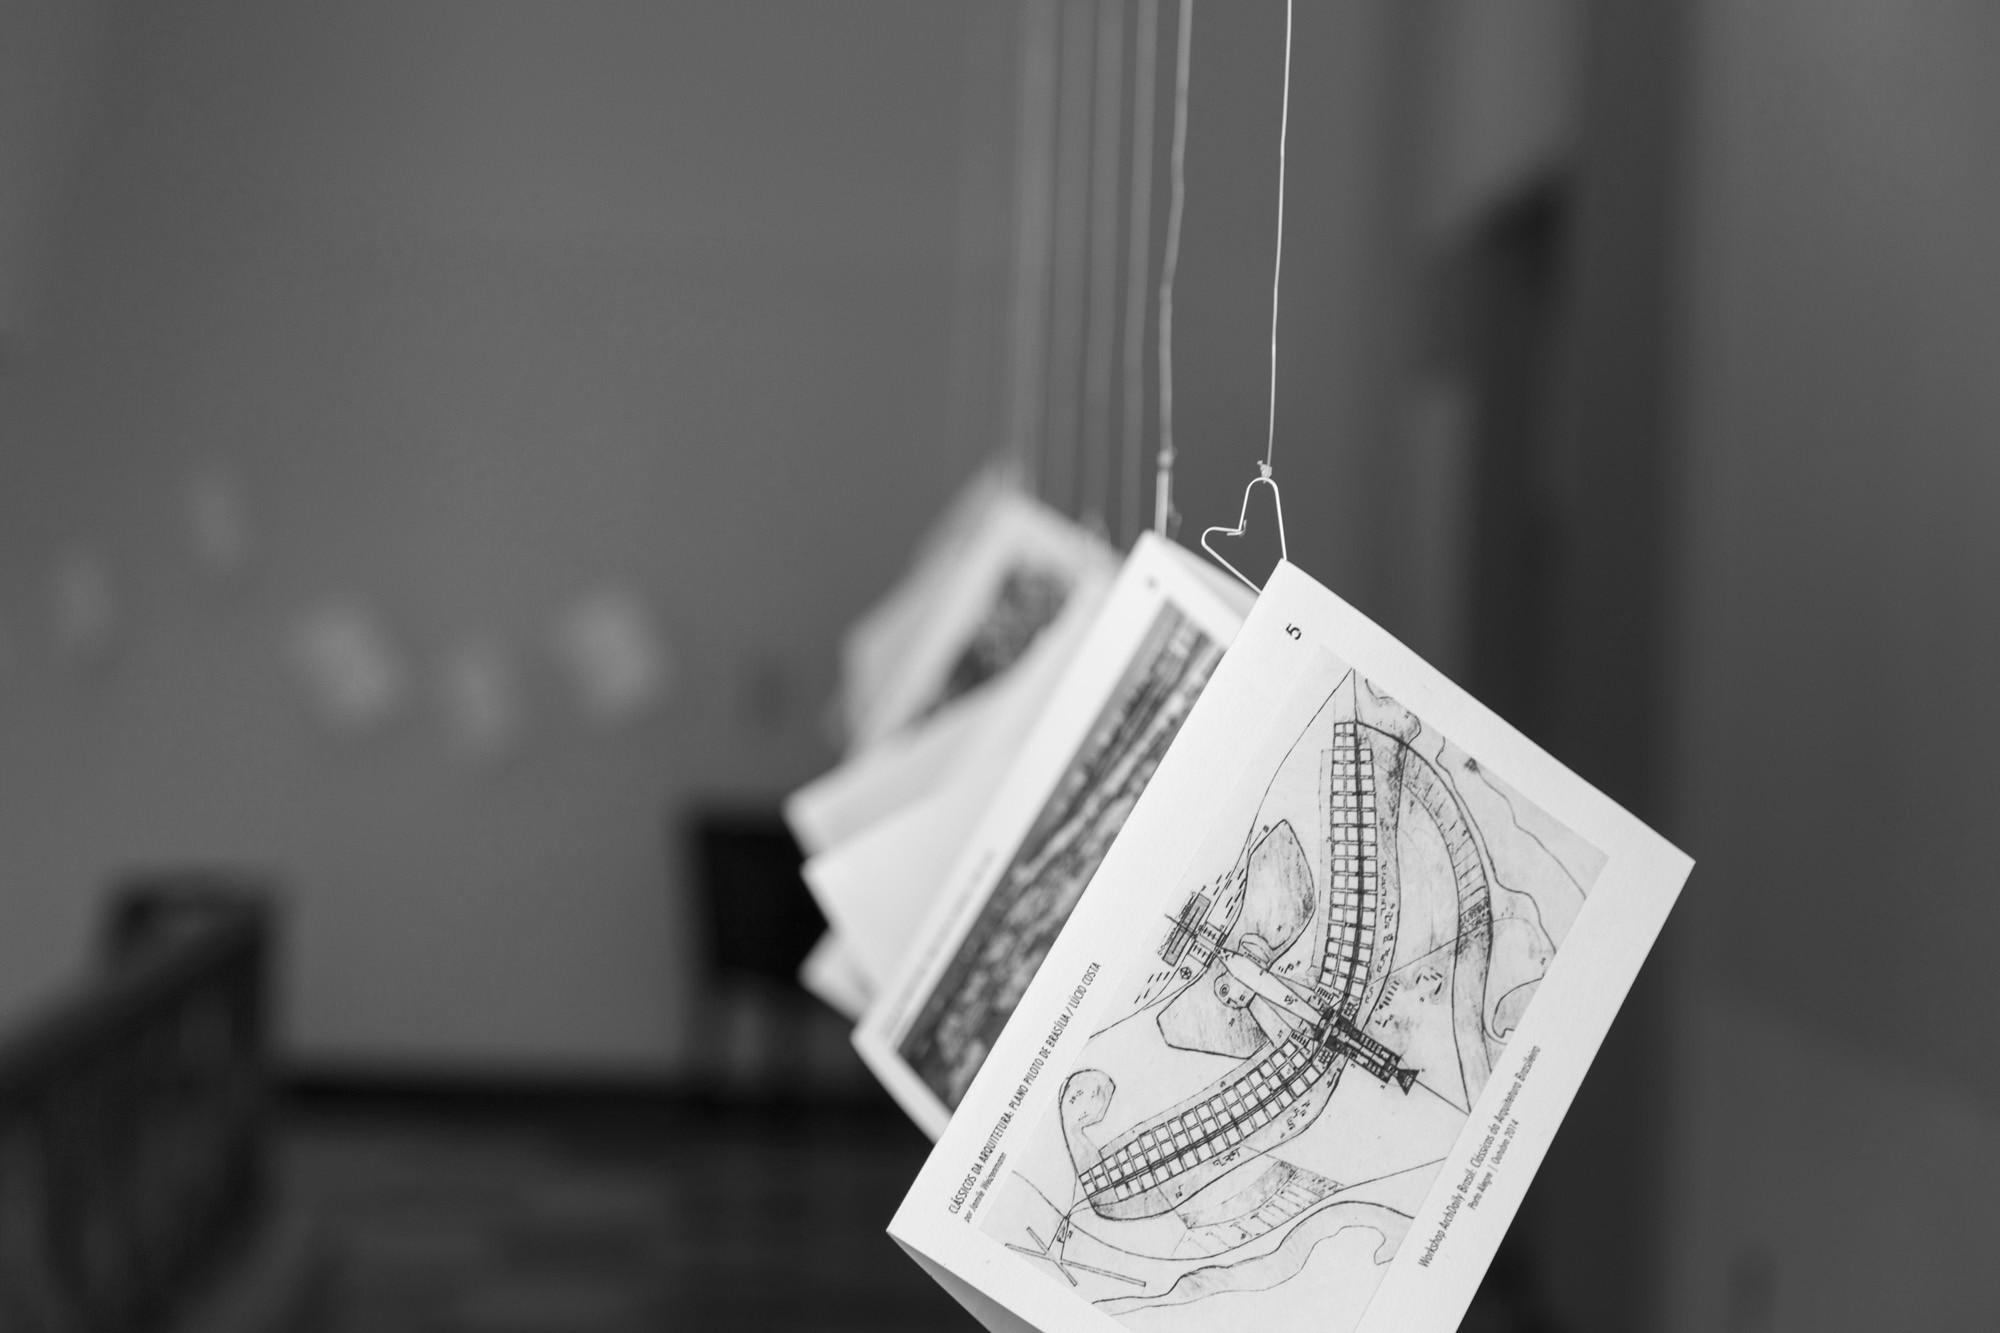 Observação, Desenho e Descrição (Parte 1), © Marcelo Donadussi